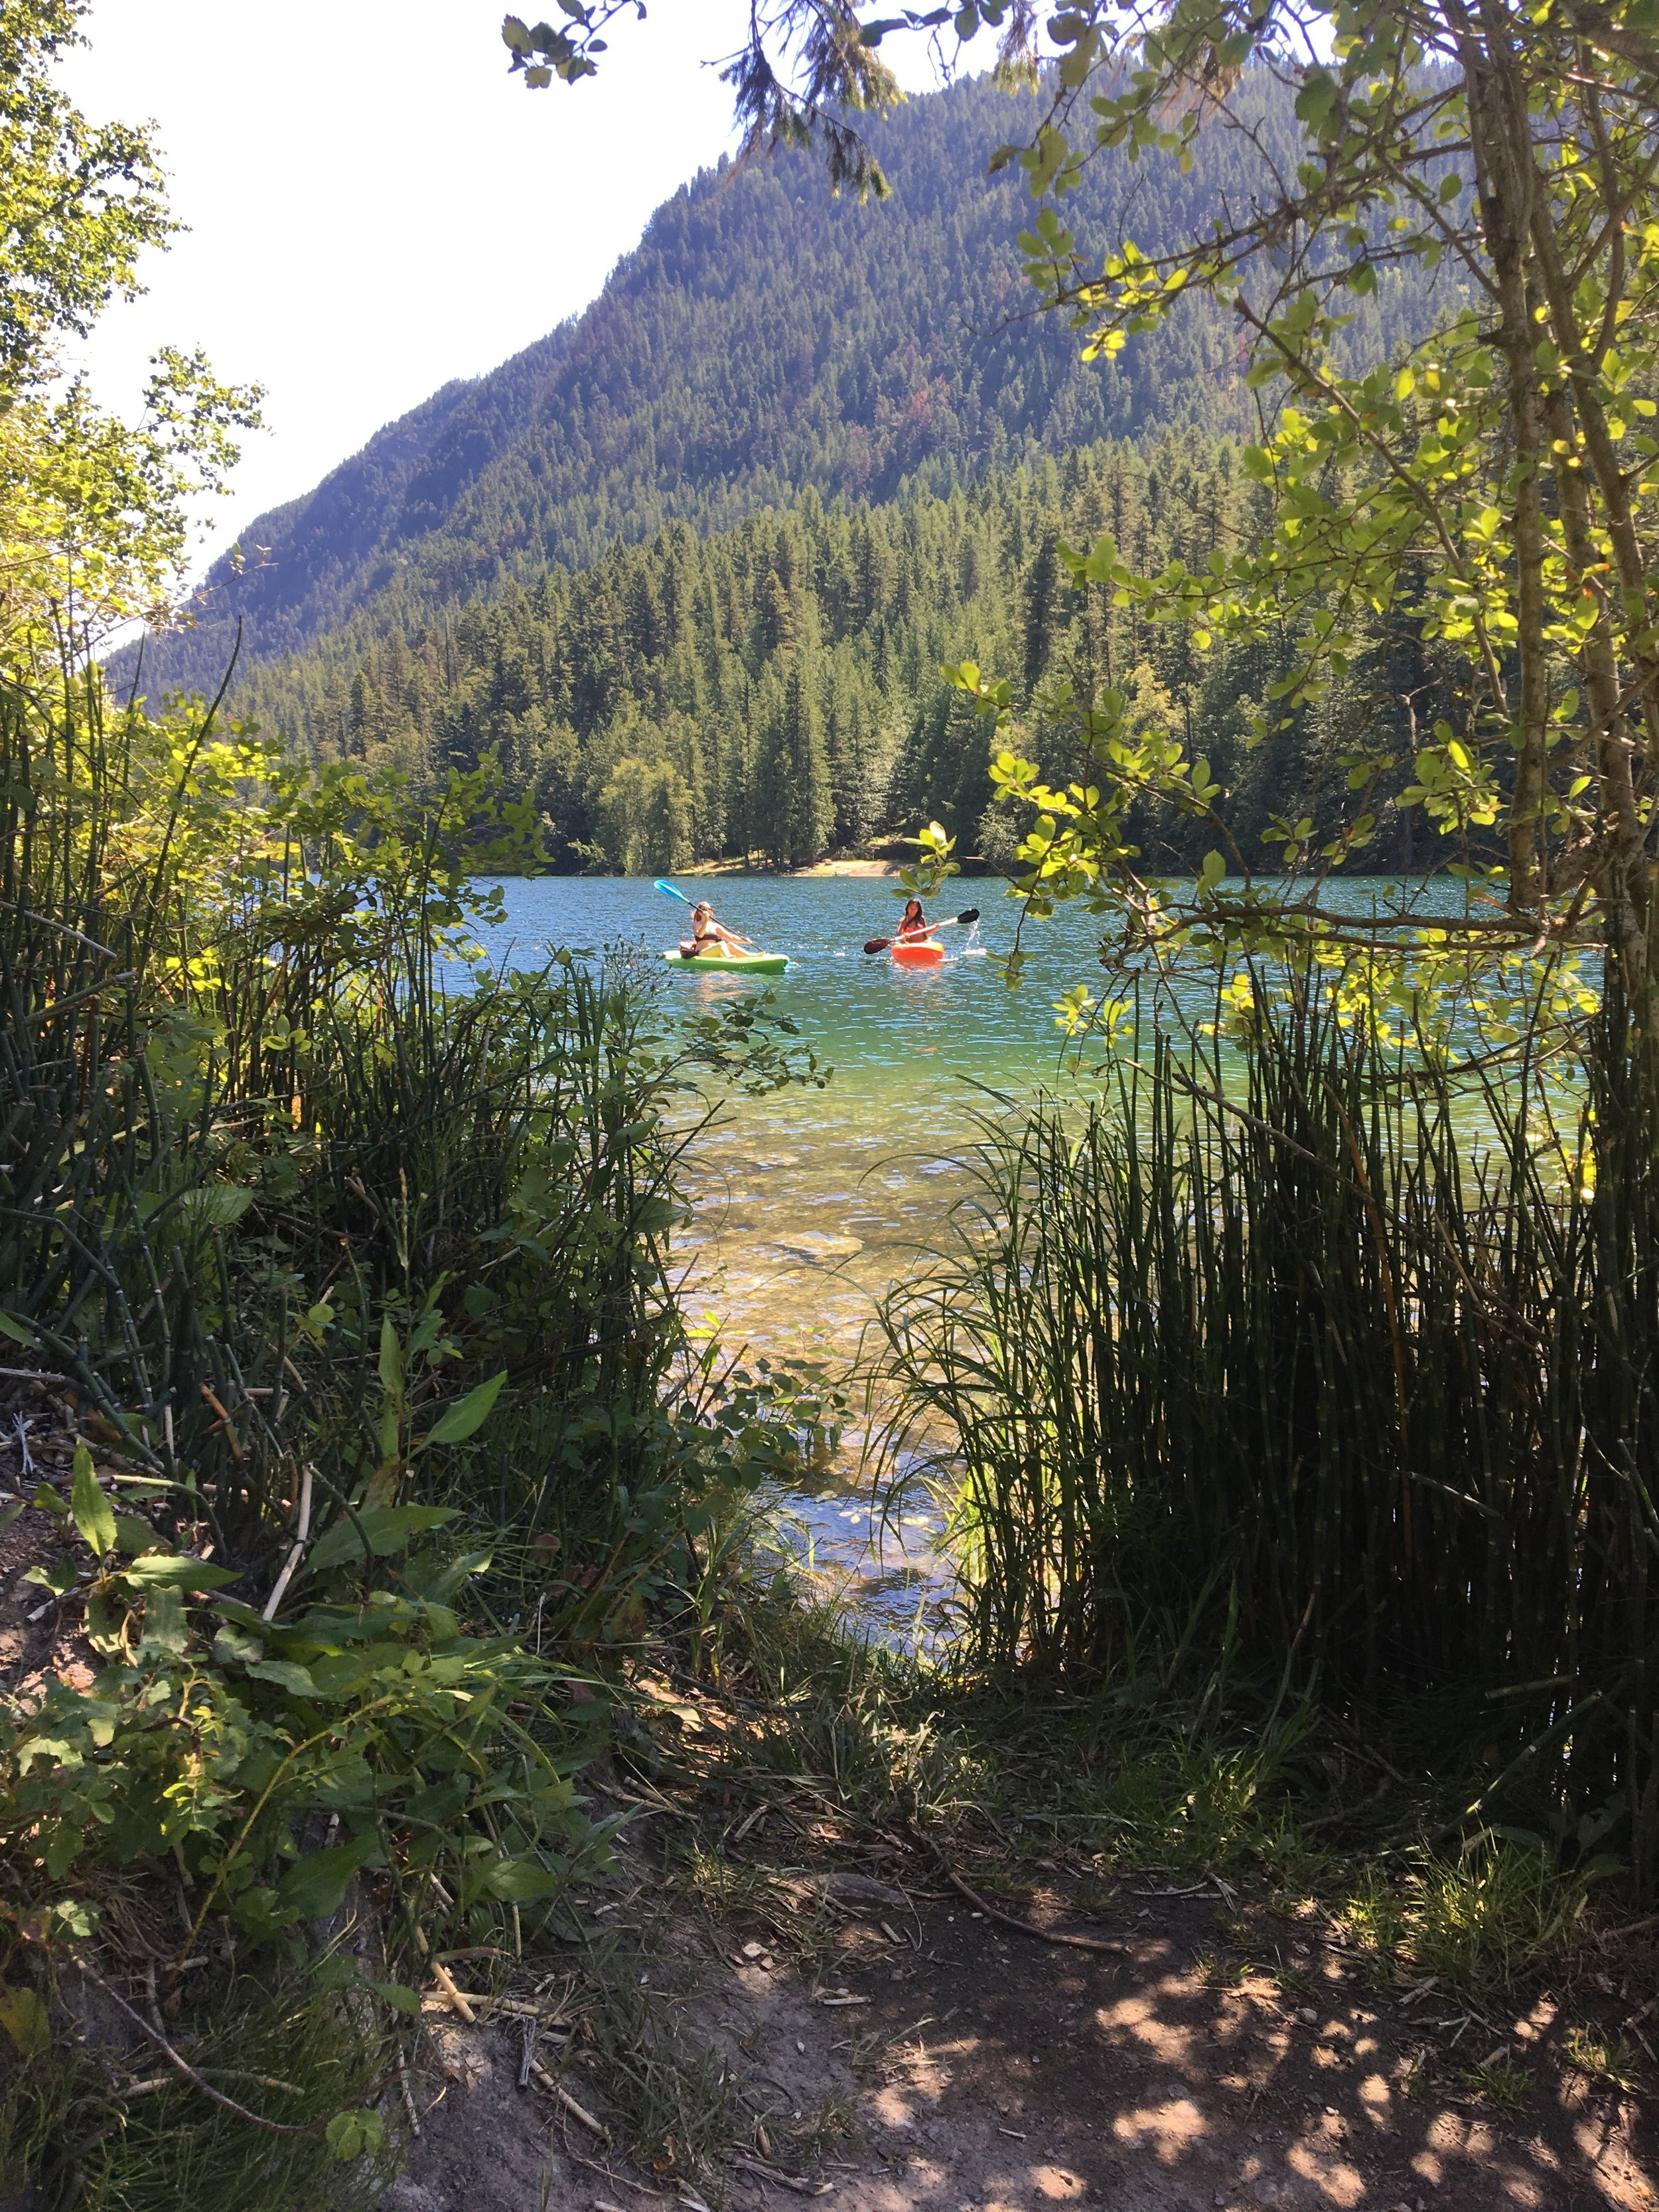 Echo Lake Provincial Park, Okanagan Valley, British Columbia, Canada